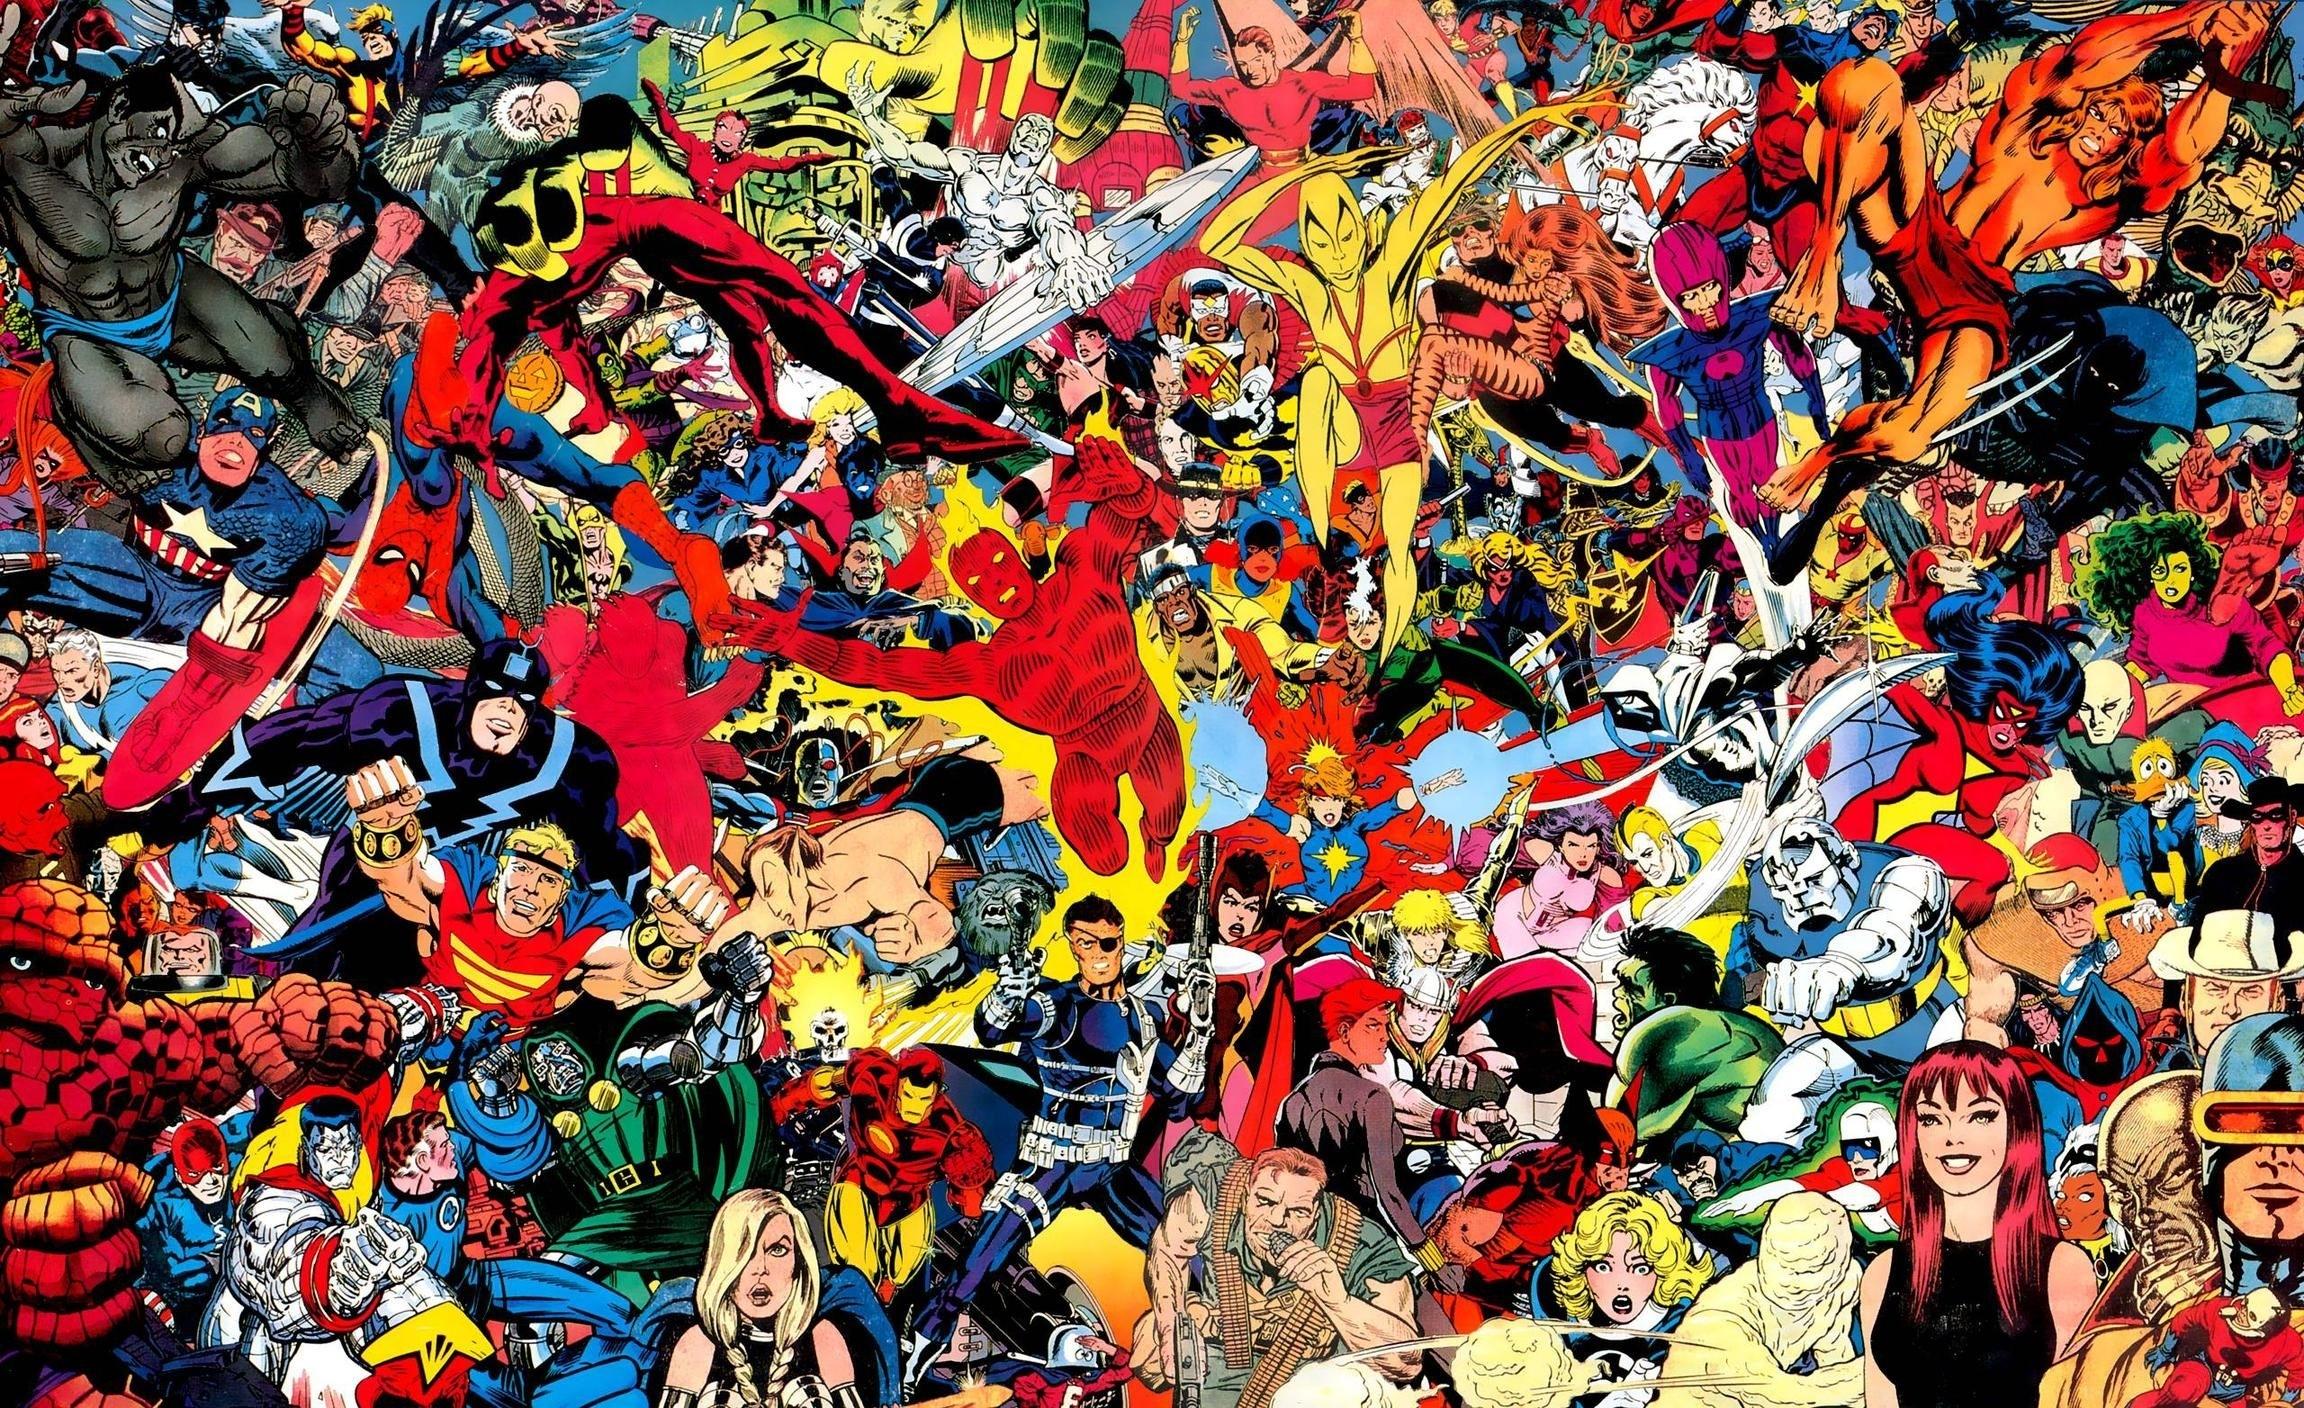 classic marvel comics wallpaper images | comics | pinterest | marvel